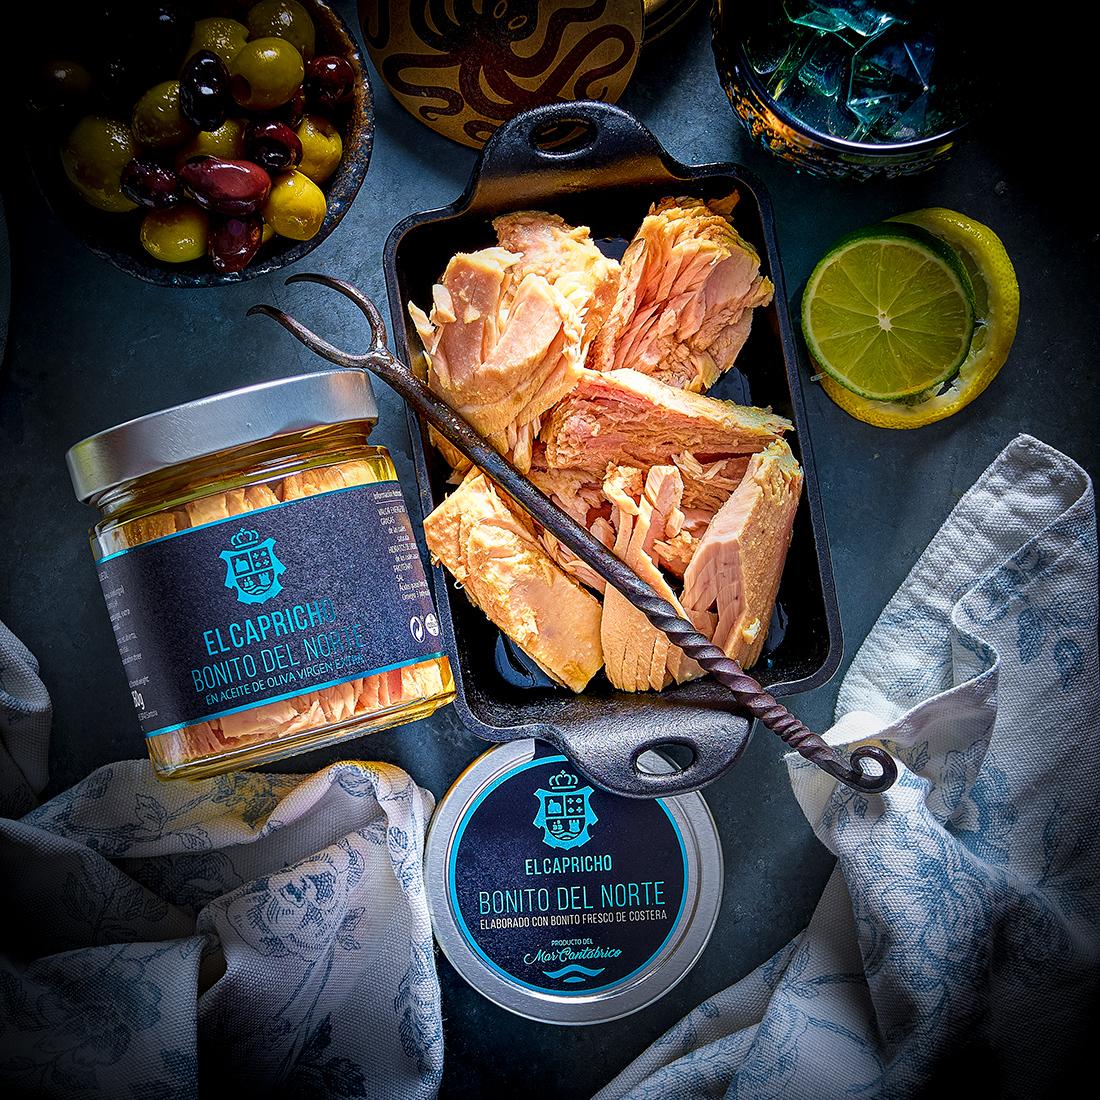 El Capricho Bonito Del Norte - Longfin White Tuna in Extra Virgin Olive Oil